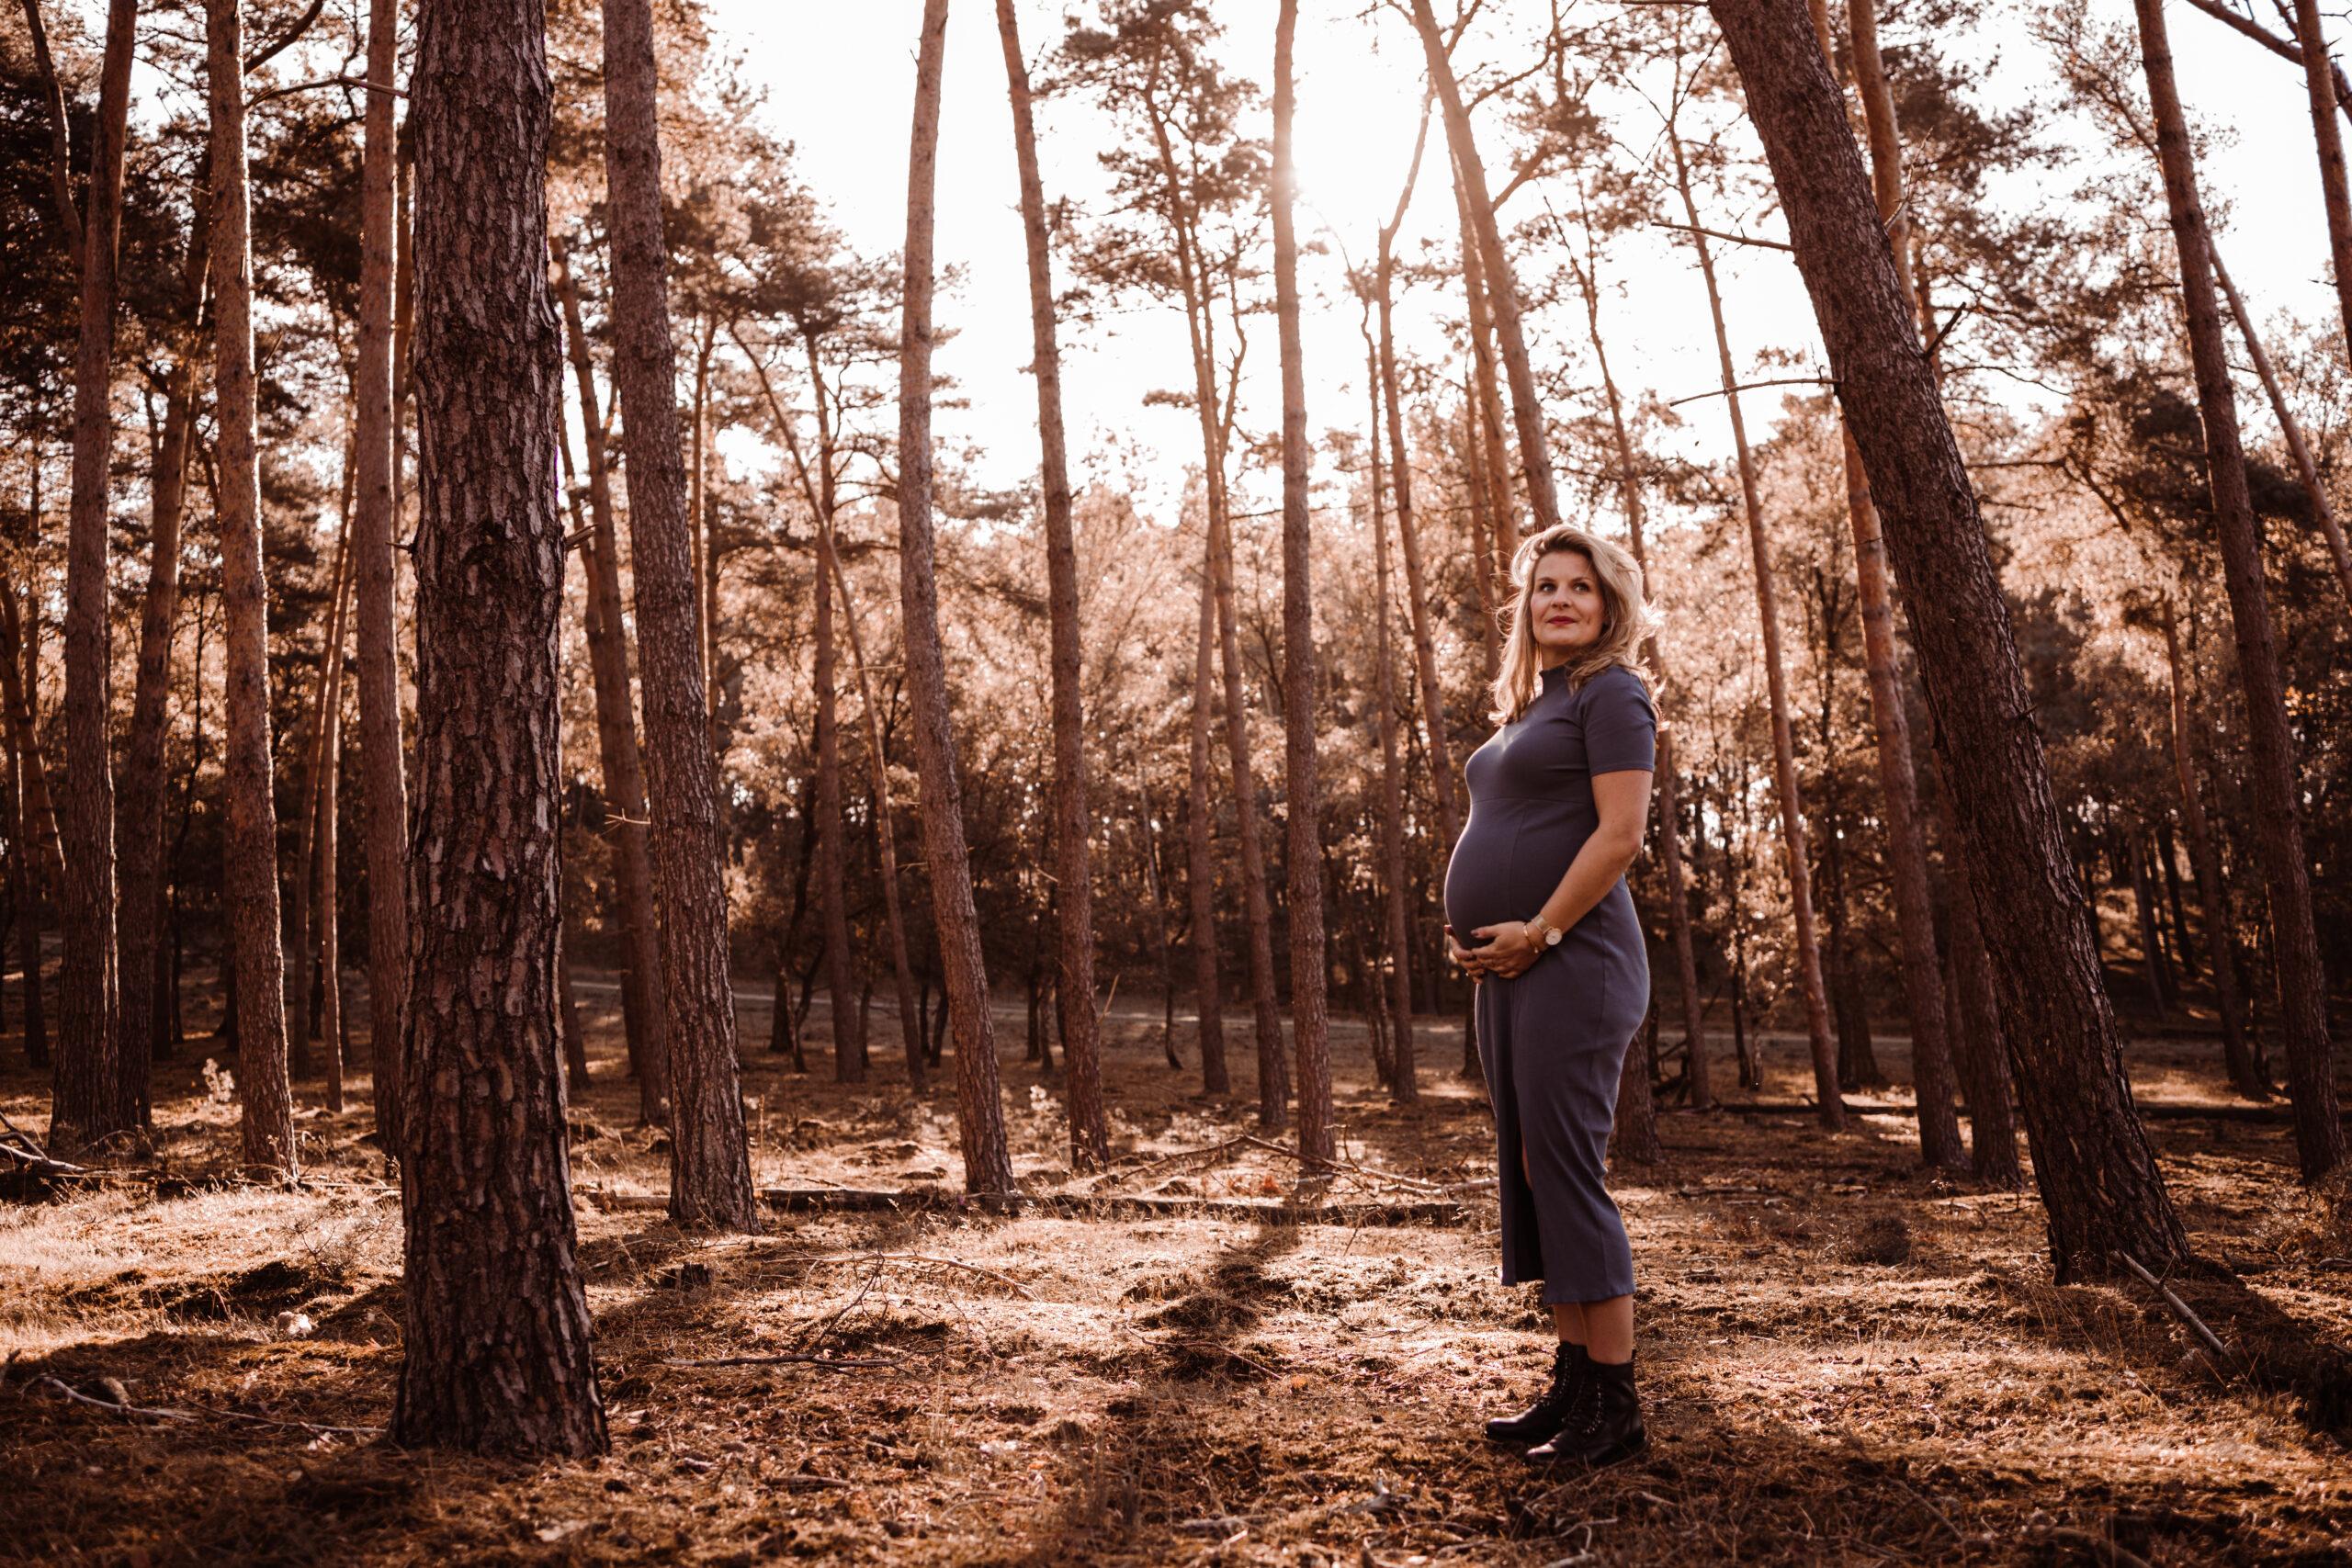 zwangerschap zwangerschapsshoot zwanger reuver brachterwald zwangere vrouw in bos